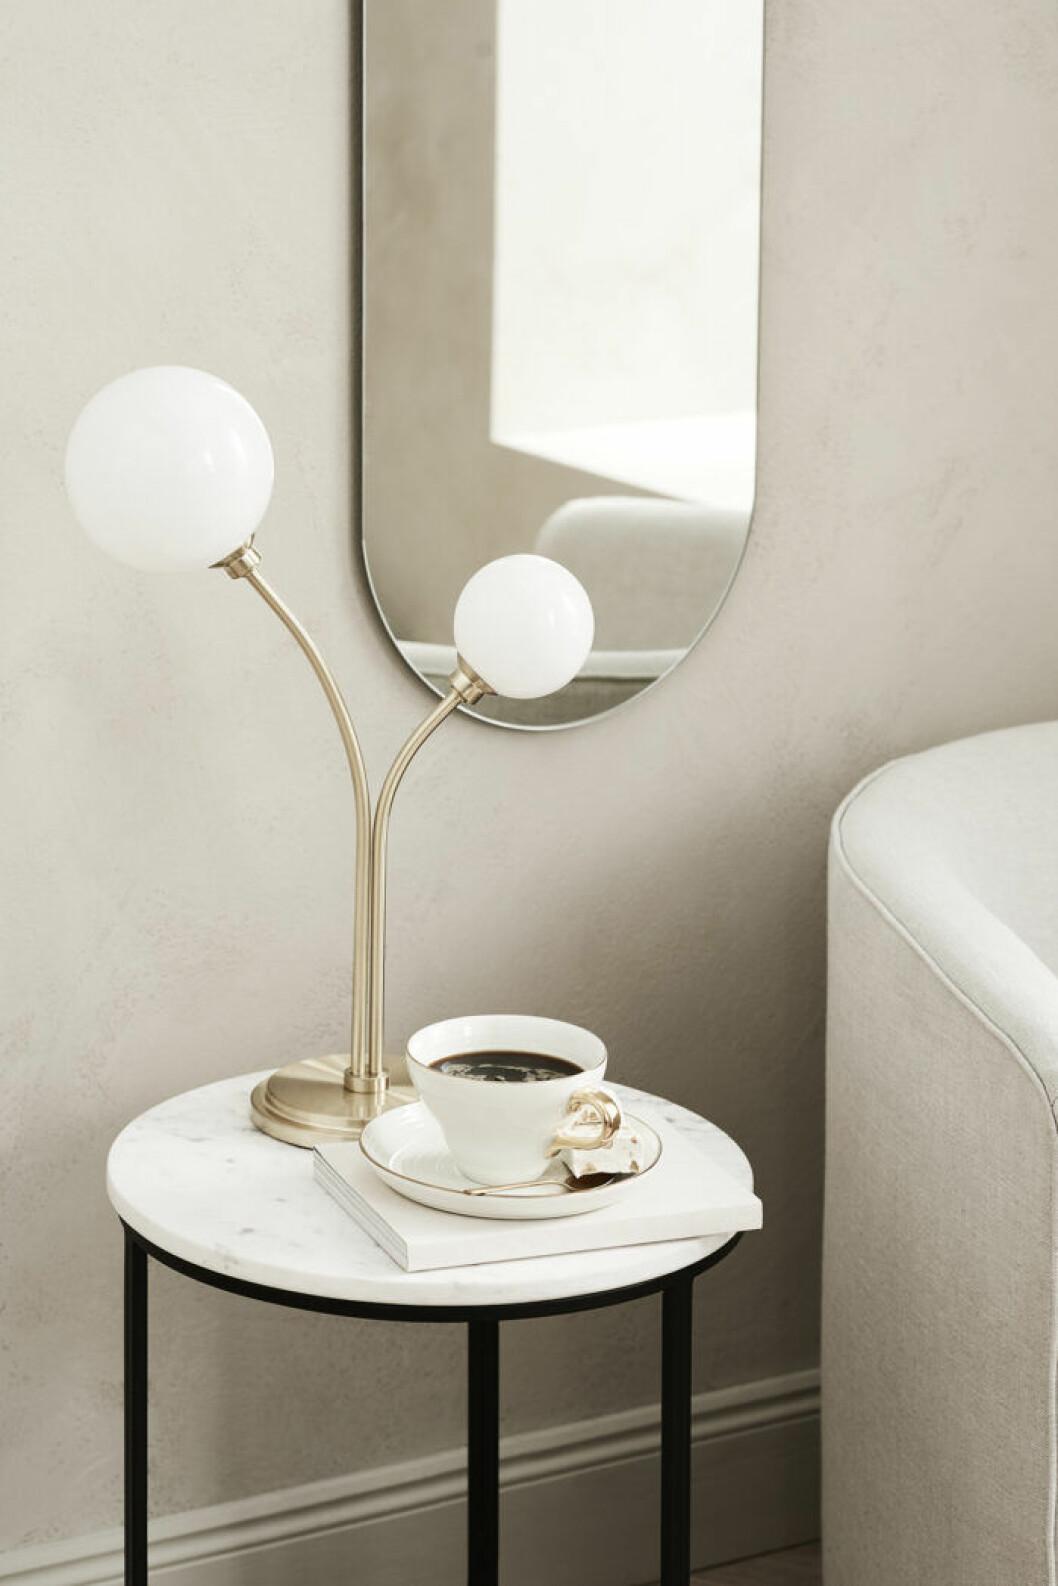 Retroglammig spegel och lampa till ett sovrum i hotellstil